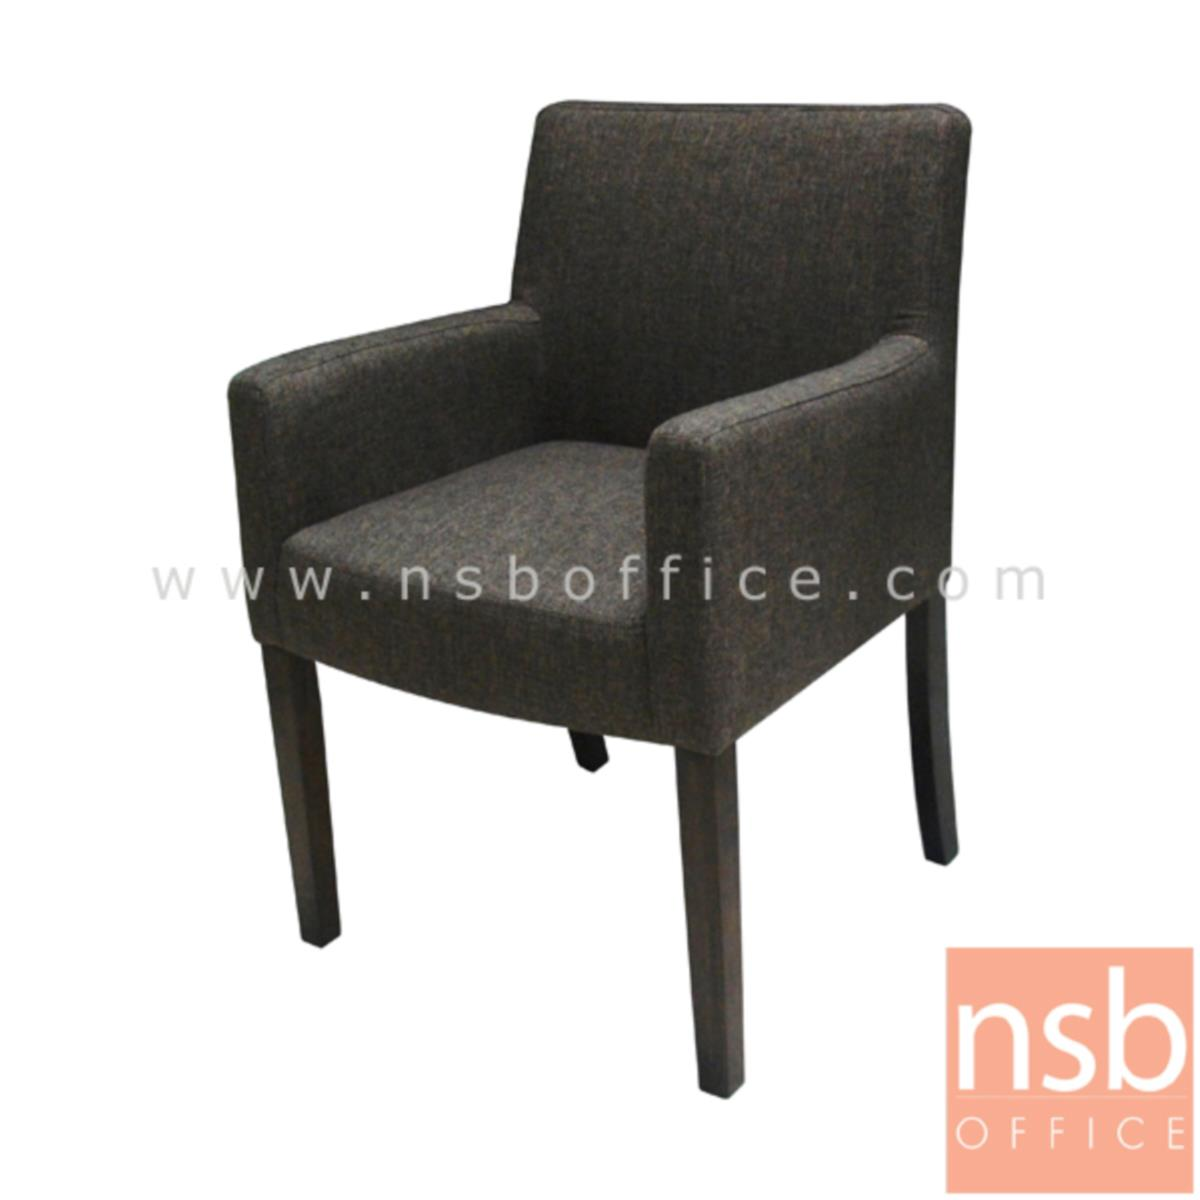 เก้าอี้โมเดิร์นหุ้มผ้า รุ่น Eckhart (เอคฮาร์ท) ขนาด 60W cm. โครงขาไม้